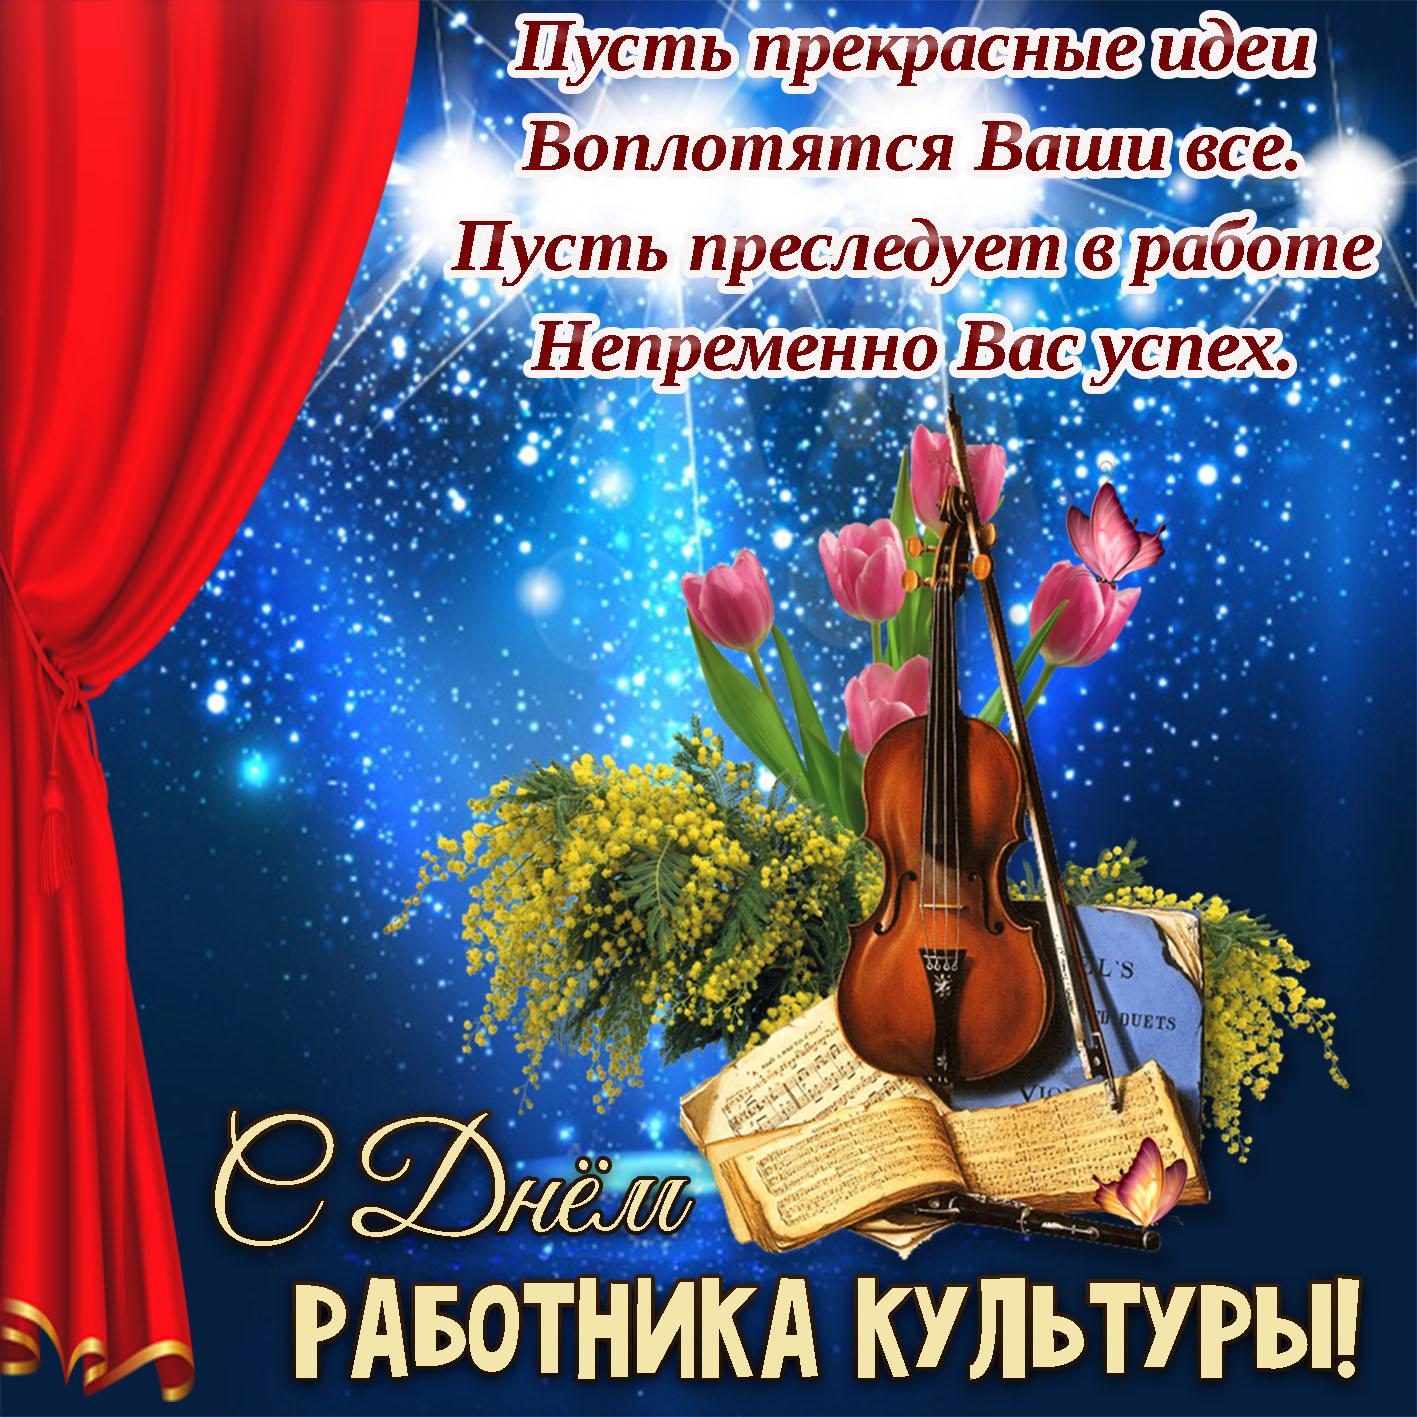 Картинка со скрипкой и красивым пожеланием на День работника культуры